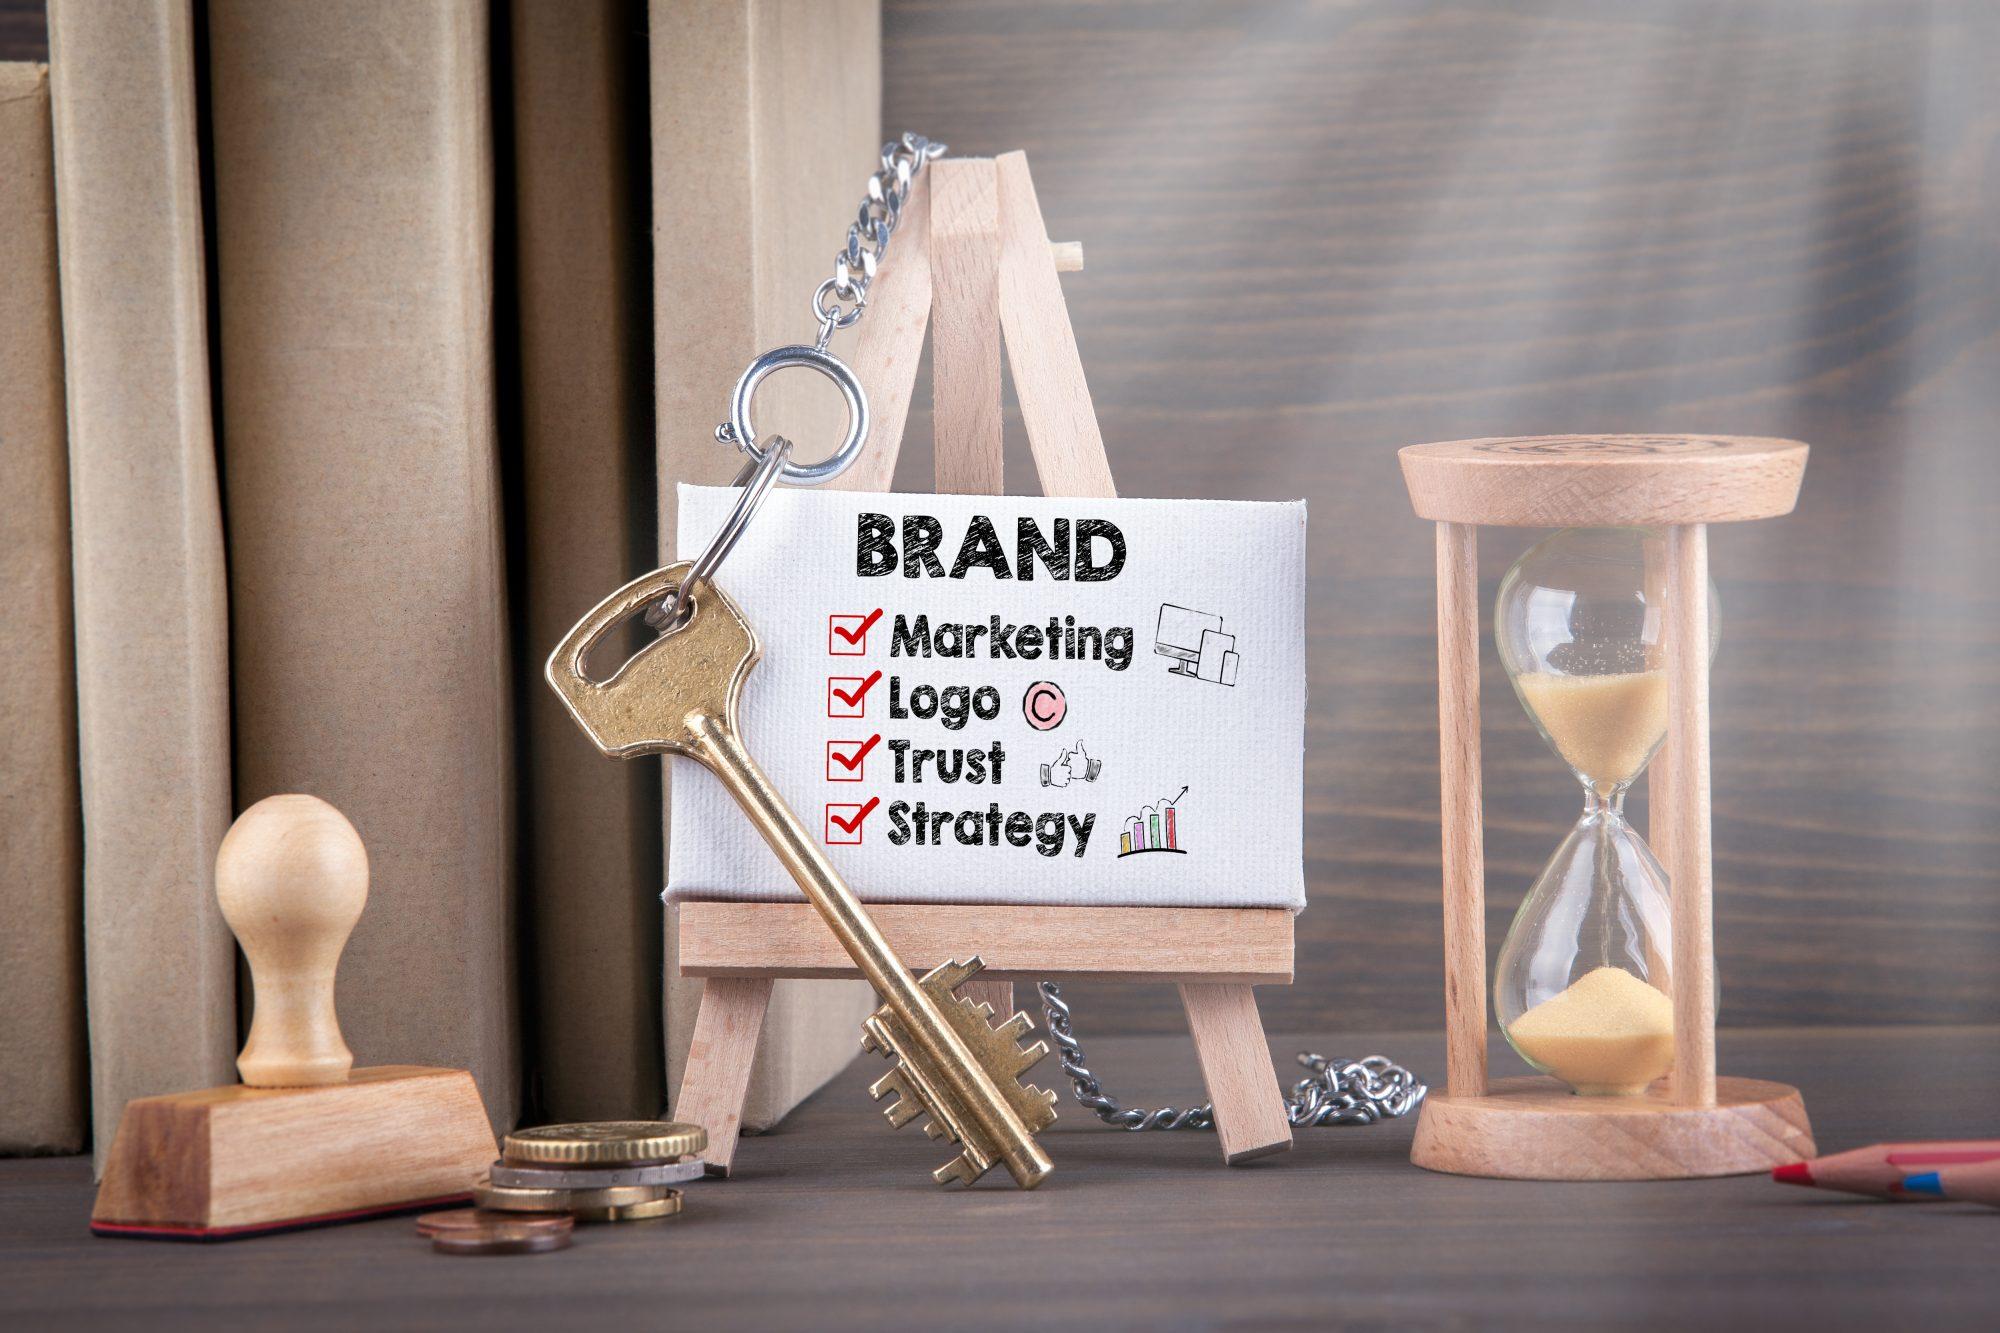 """Markenbekanntheit """"Brand"""" Tafel mit Abhakliste"""